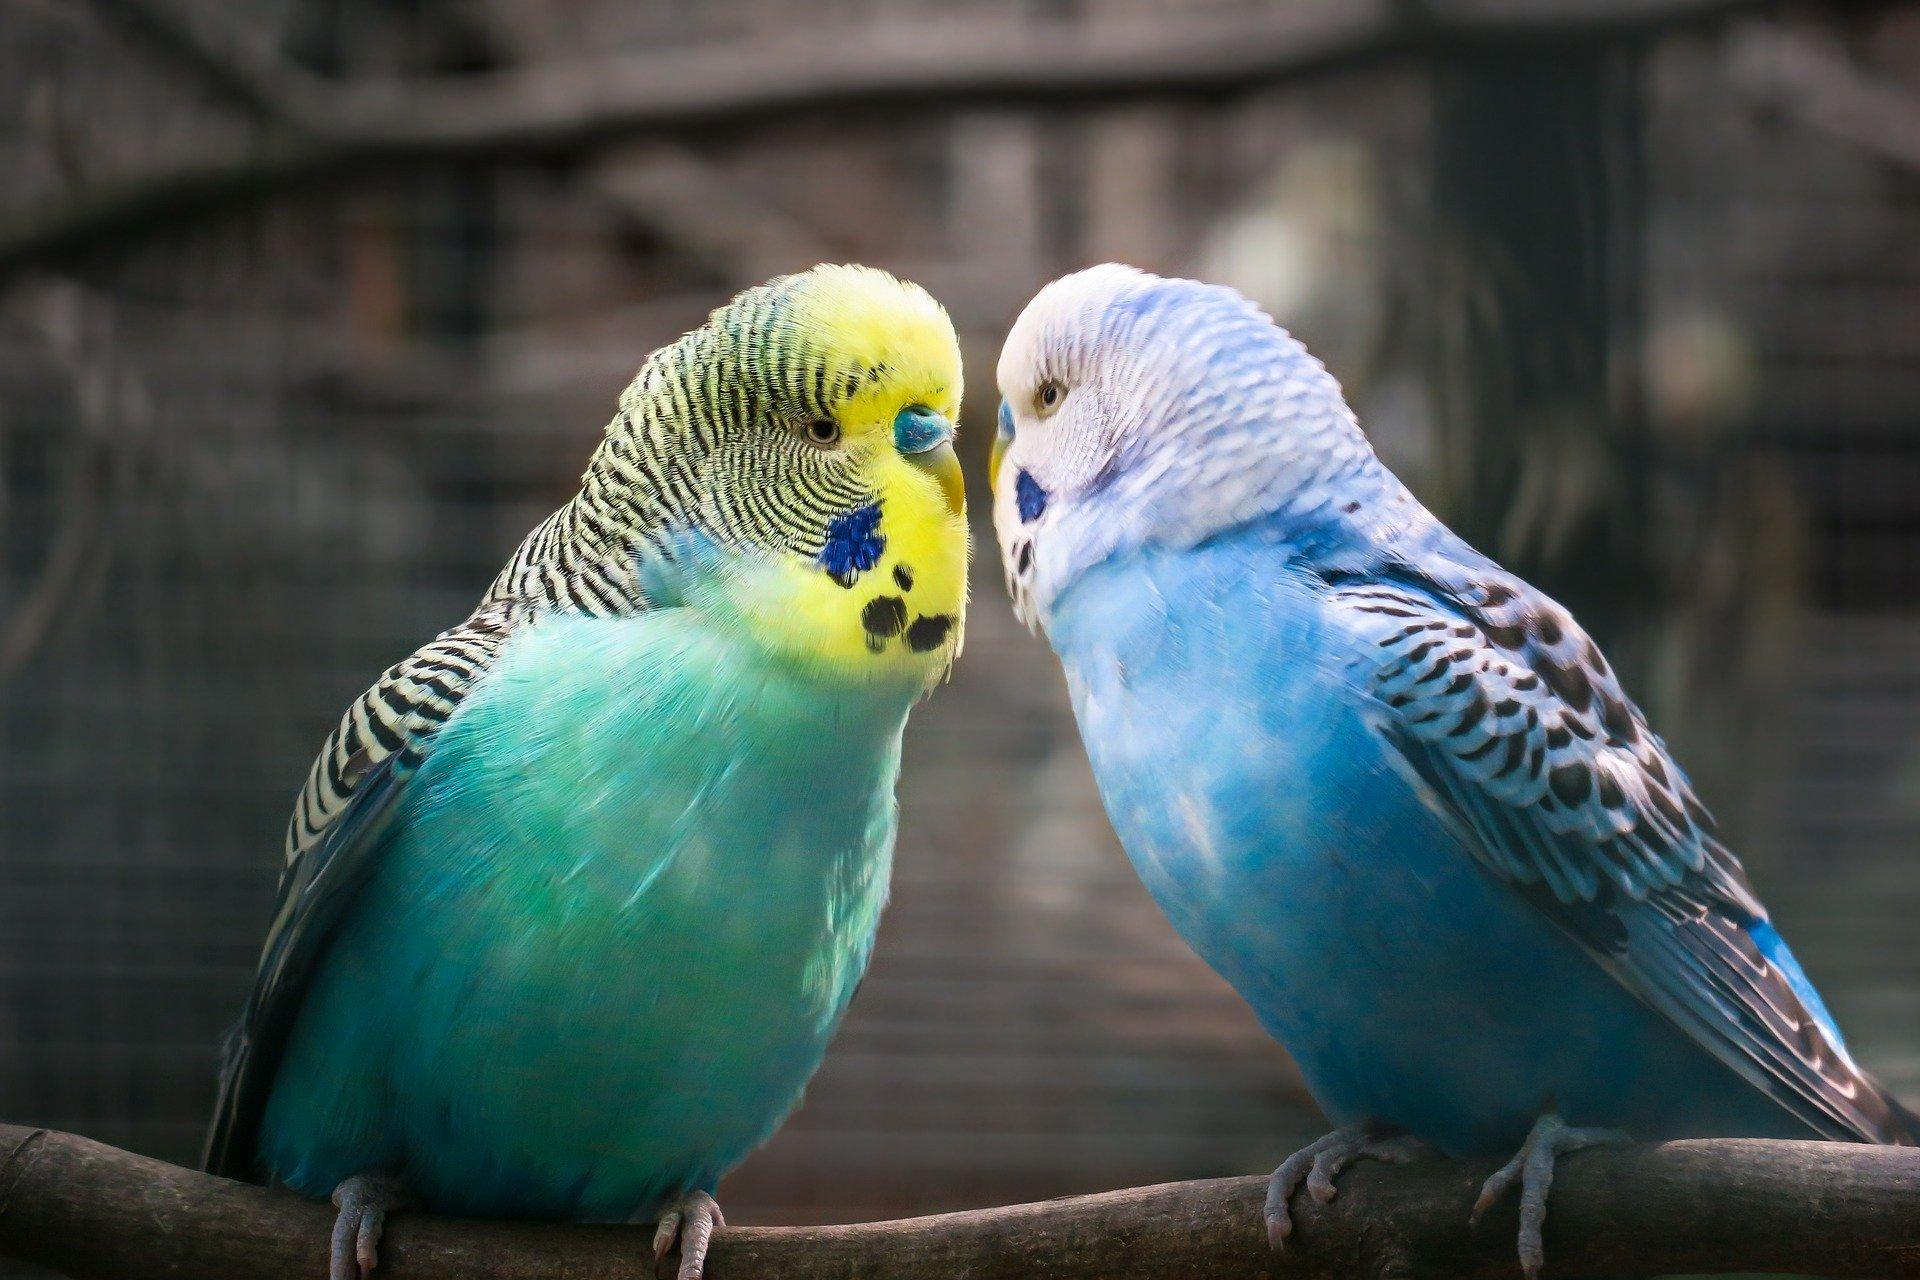 Mariage : quel régime matrimonial choisir?